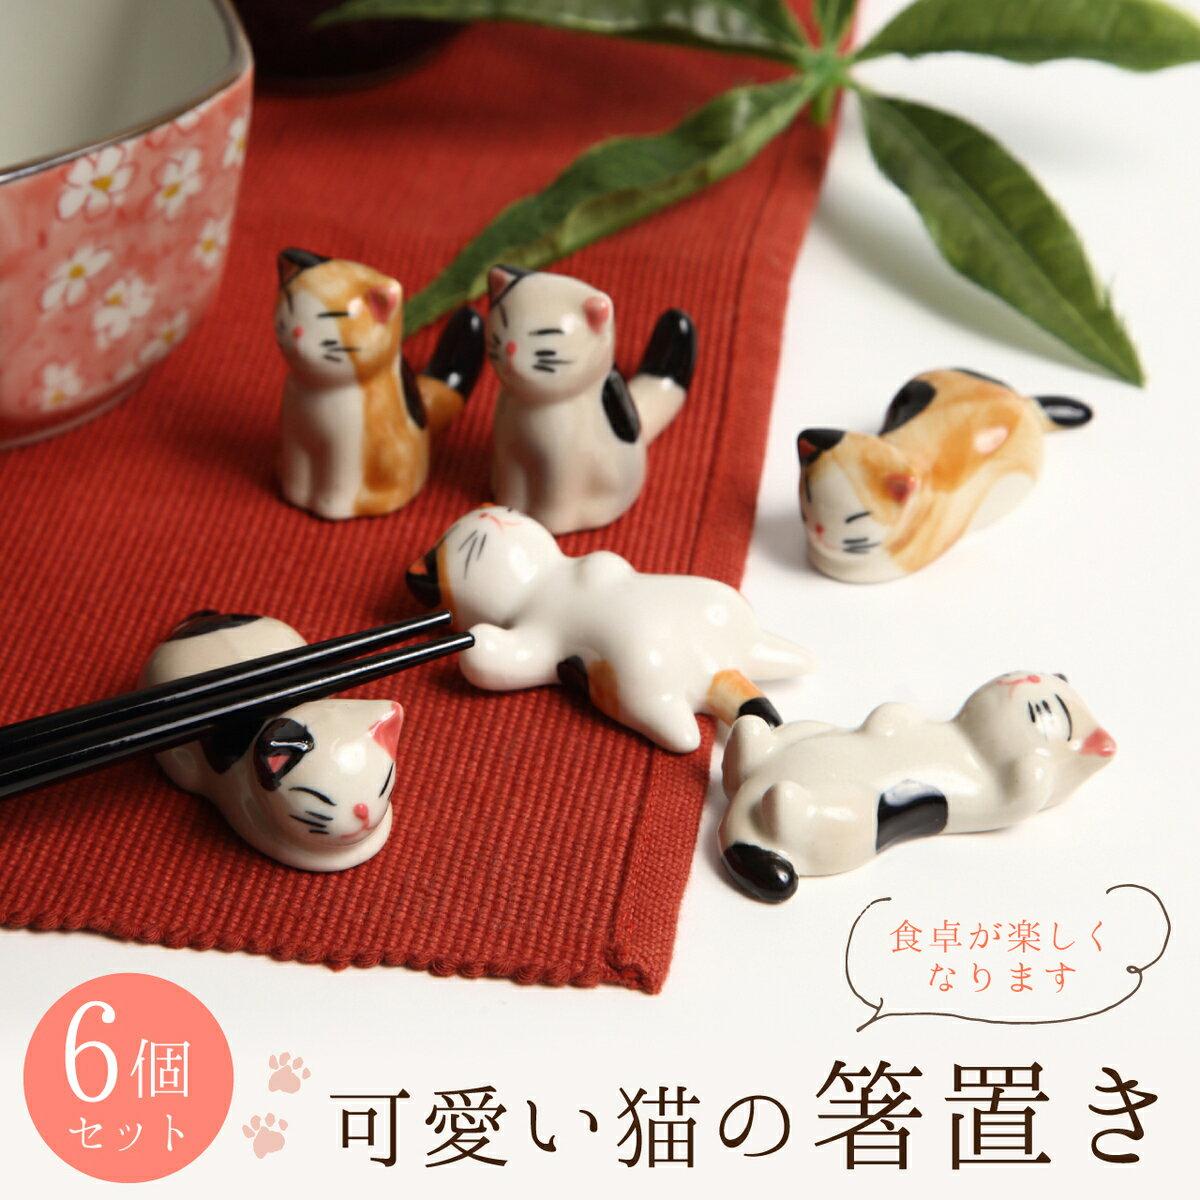 箸置き 和食器 可愛い ねこの箸置き 6匹 セット ねこ 雑貨 ネコ 箸置き 猫 箸休め 日本の伝統